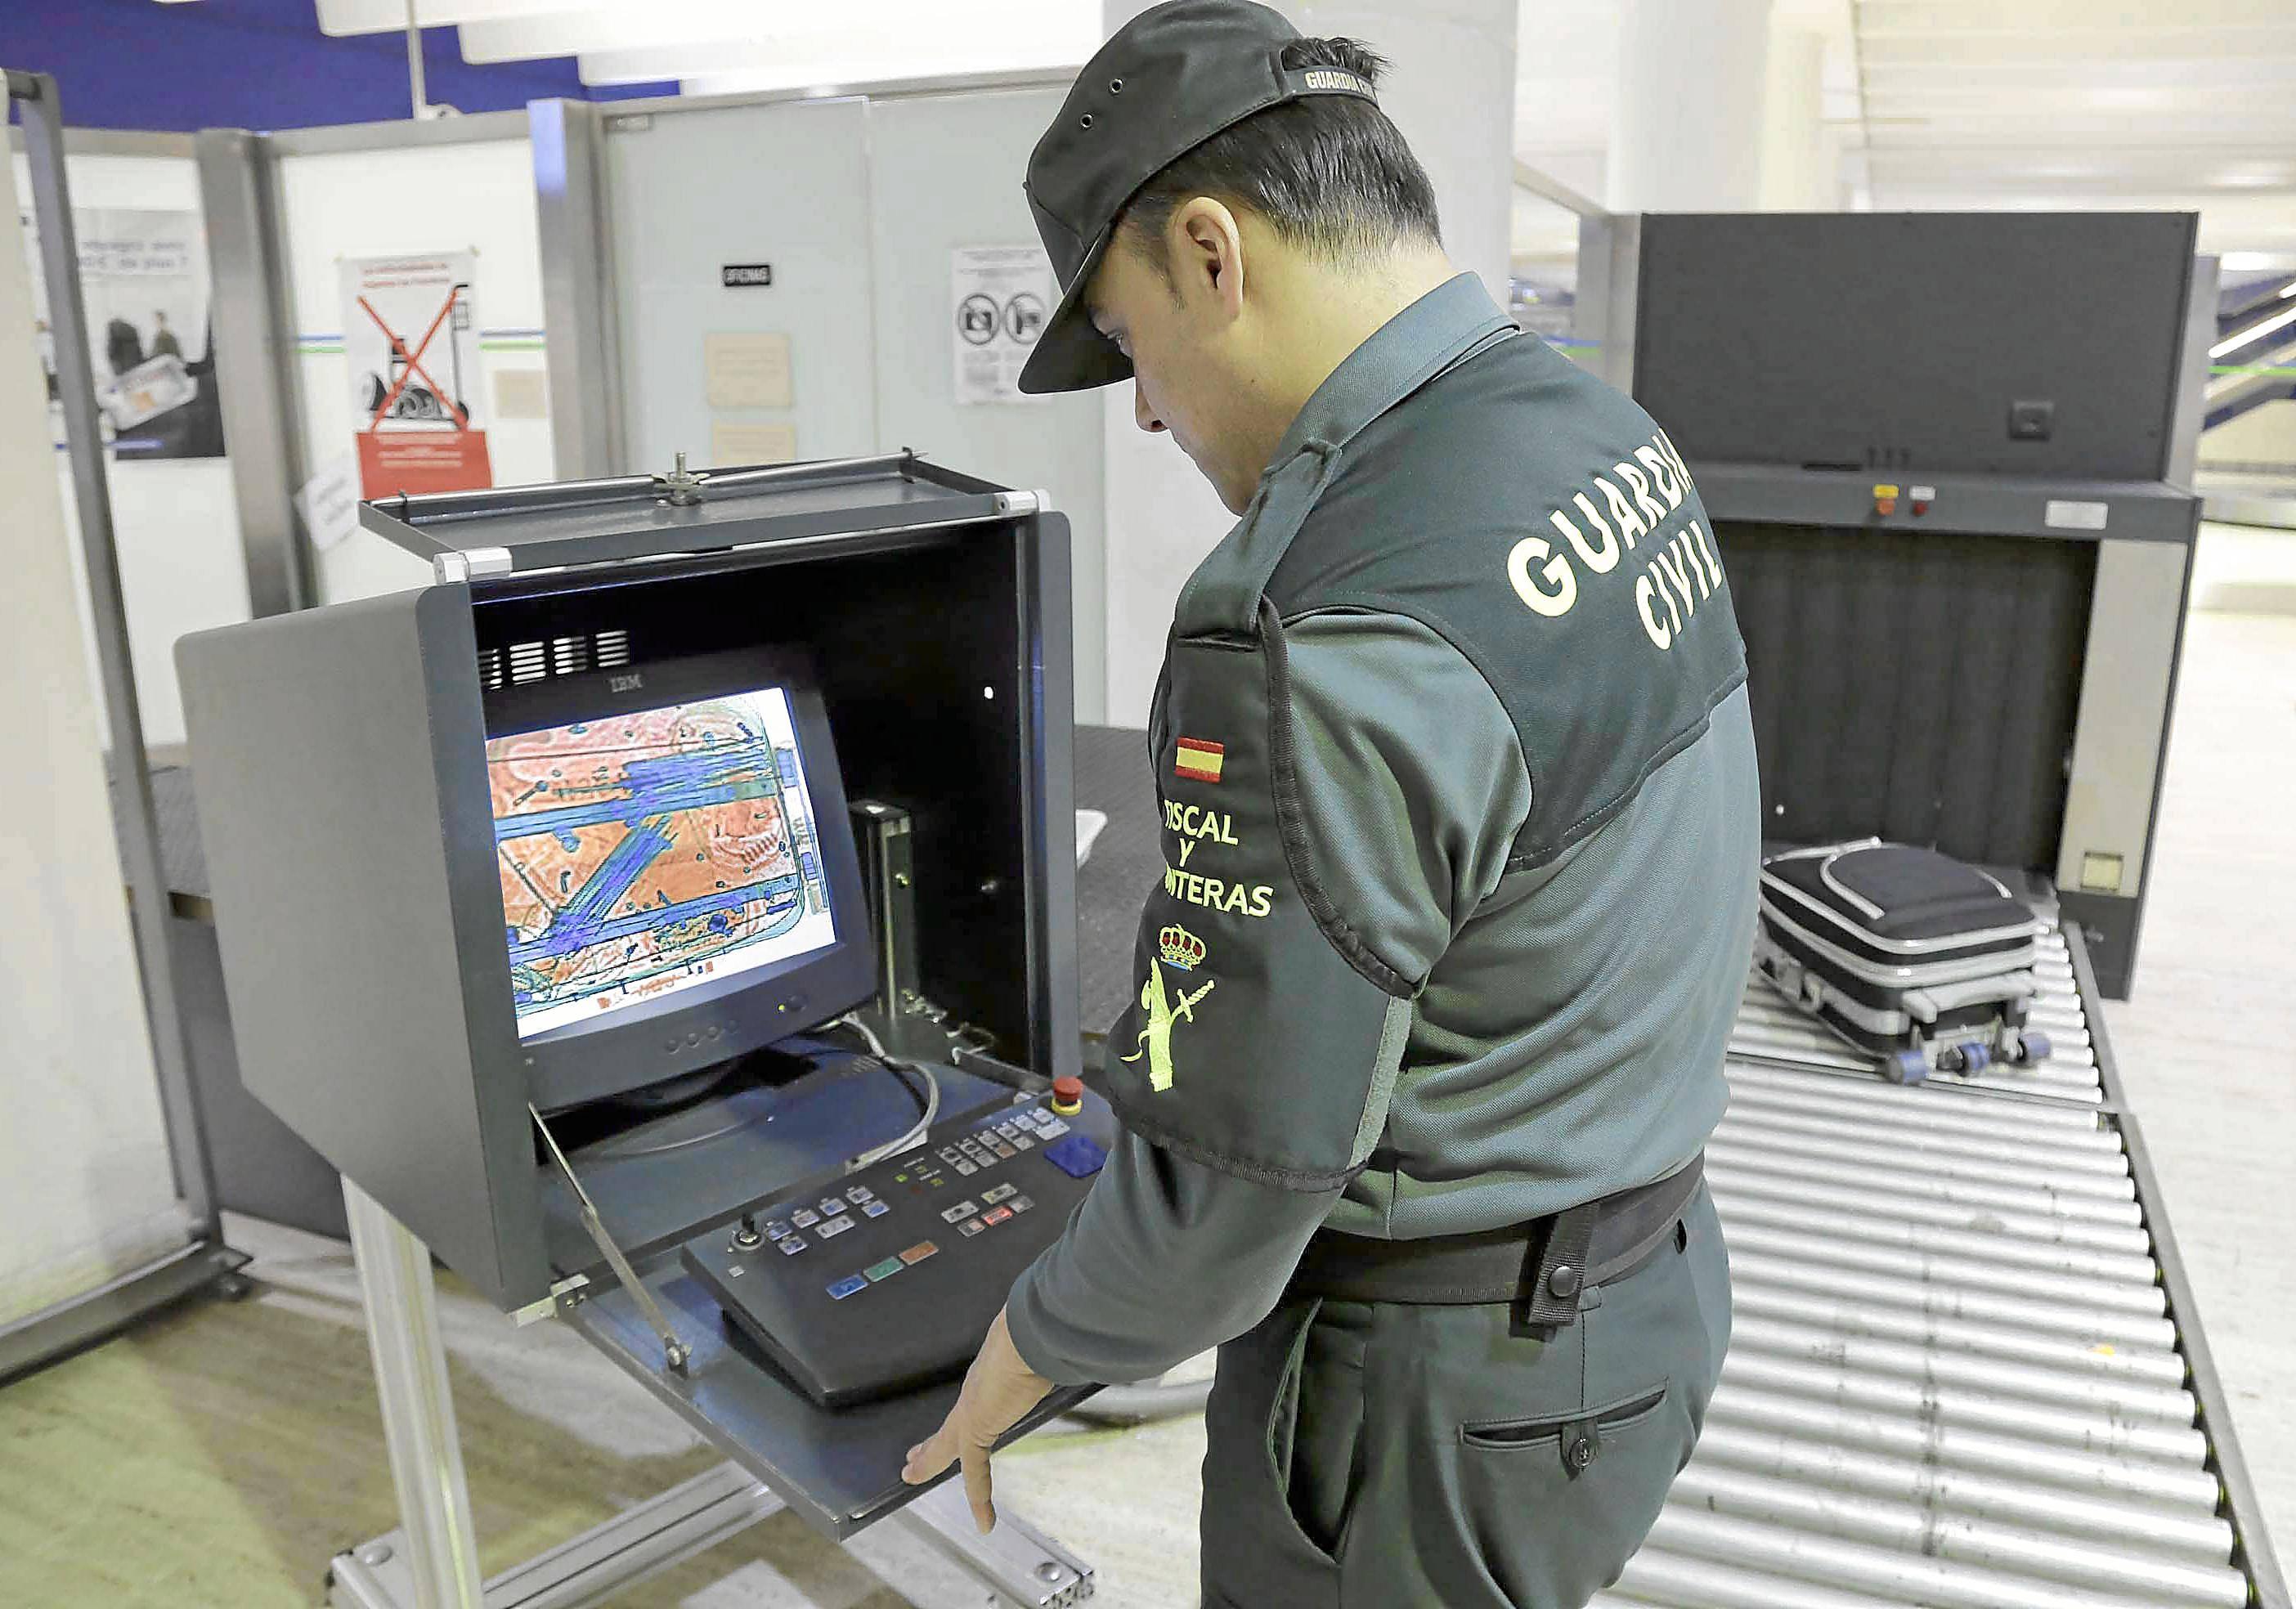 un agente de la Guardia Civil pasa una maleta por el escáner para comprobar si lleva droga o algún objeto prohibido. / José Luis Montero